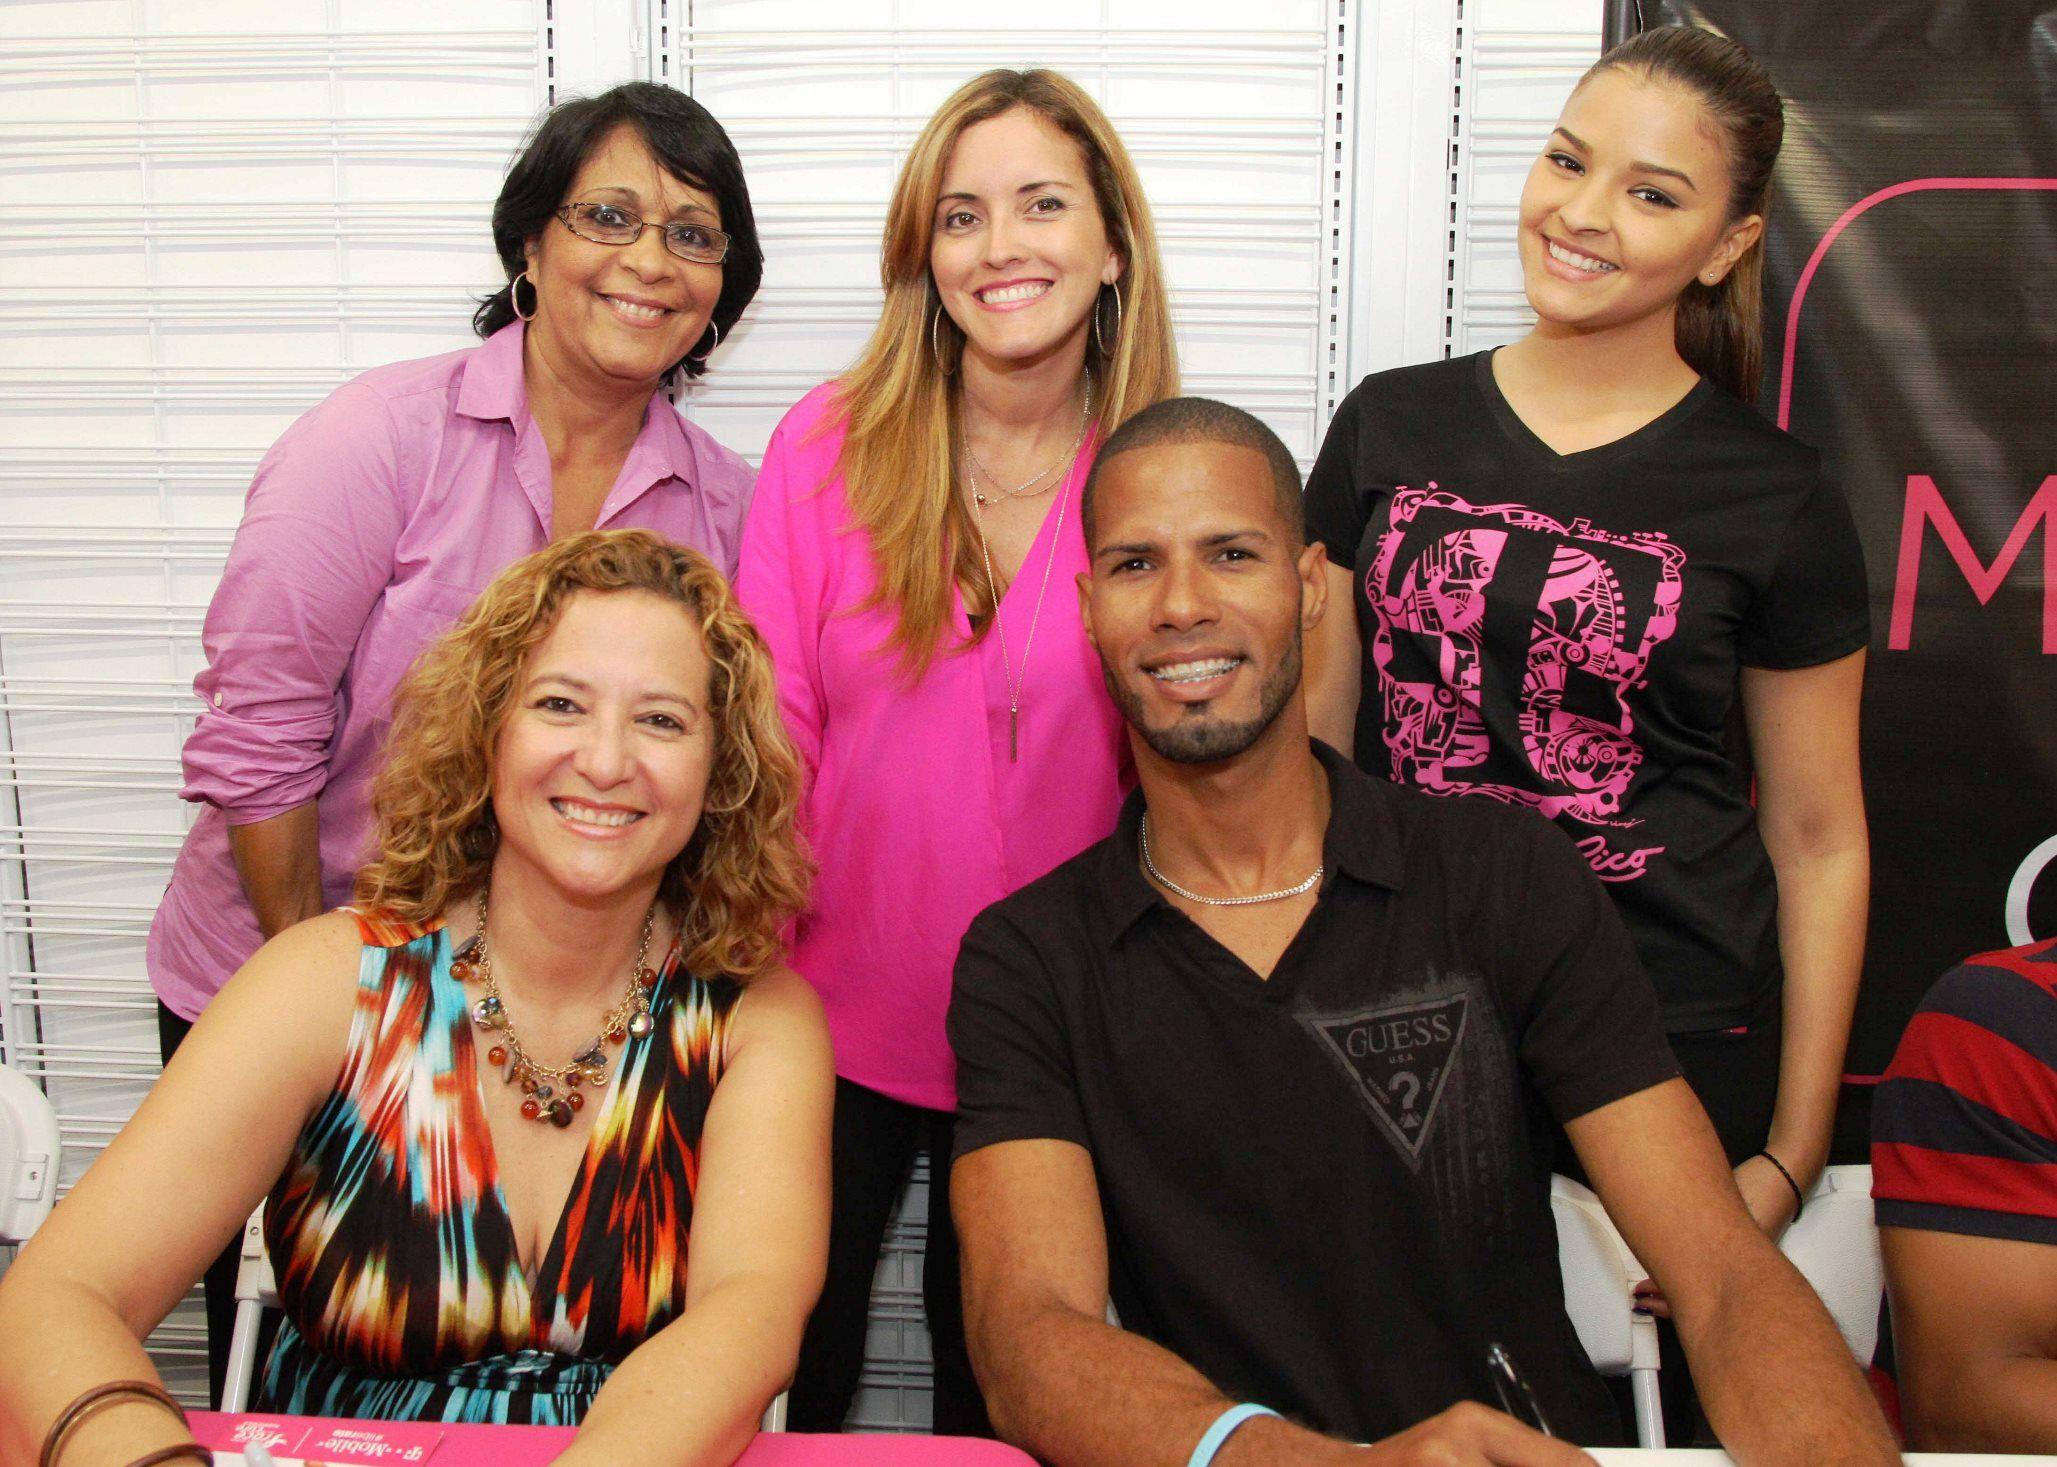 El  medallista olímpico puertorriqueño participa por sexto año consecutivo y se une a la causa contra el cáncer de seno